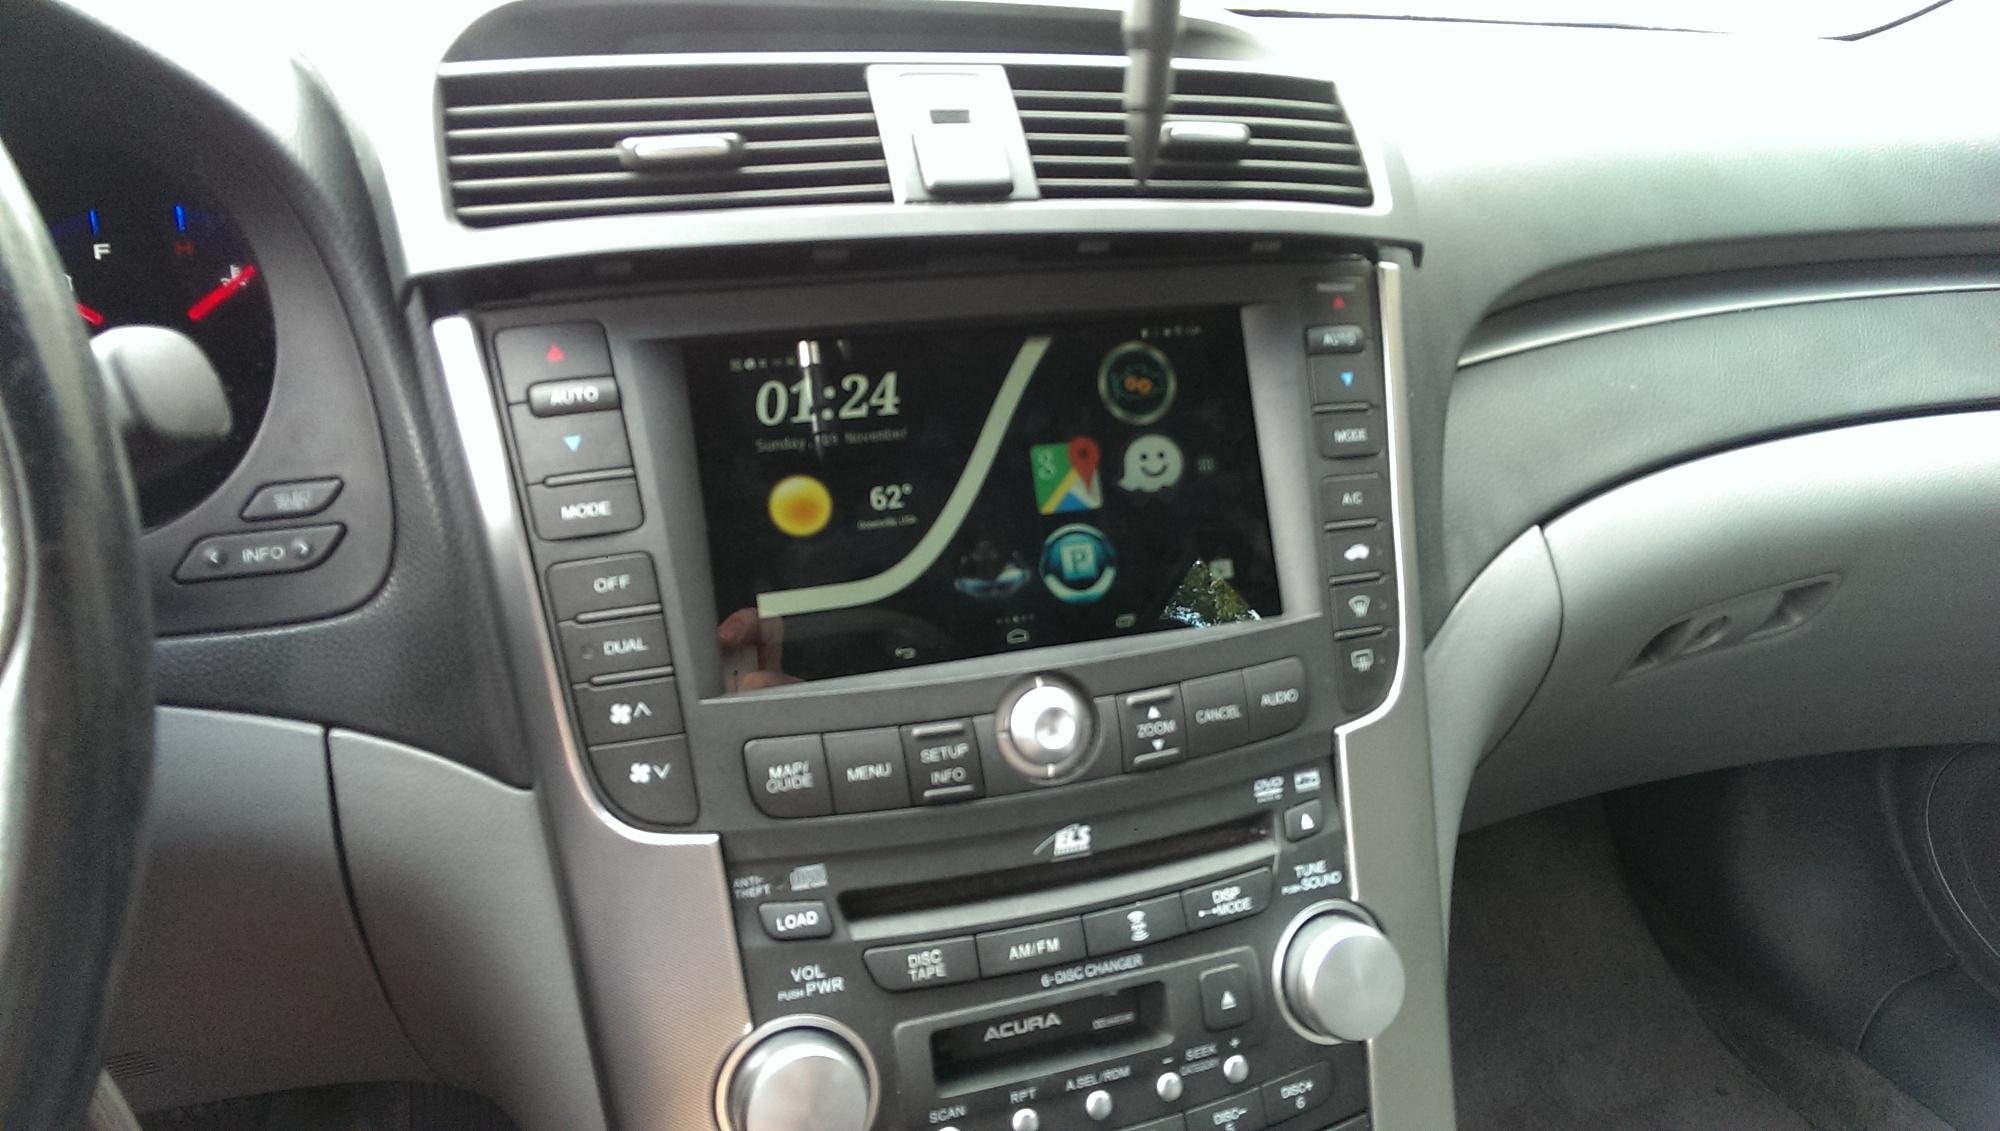 2006 Acura TL Nexus 7 Install AcuraZine Acura